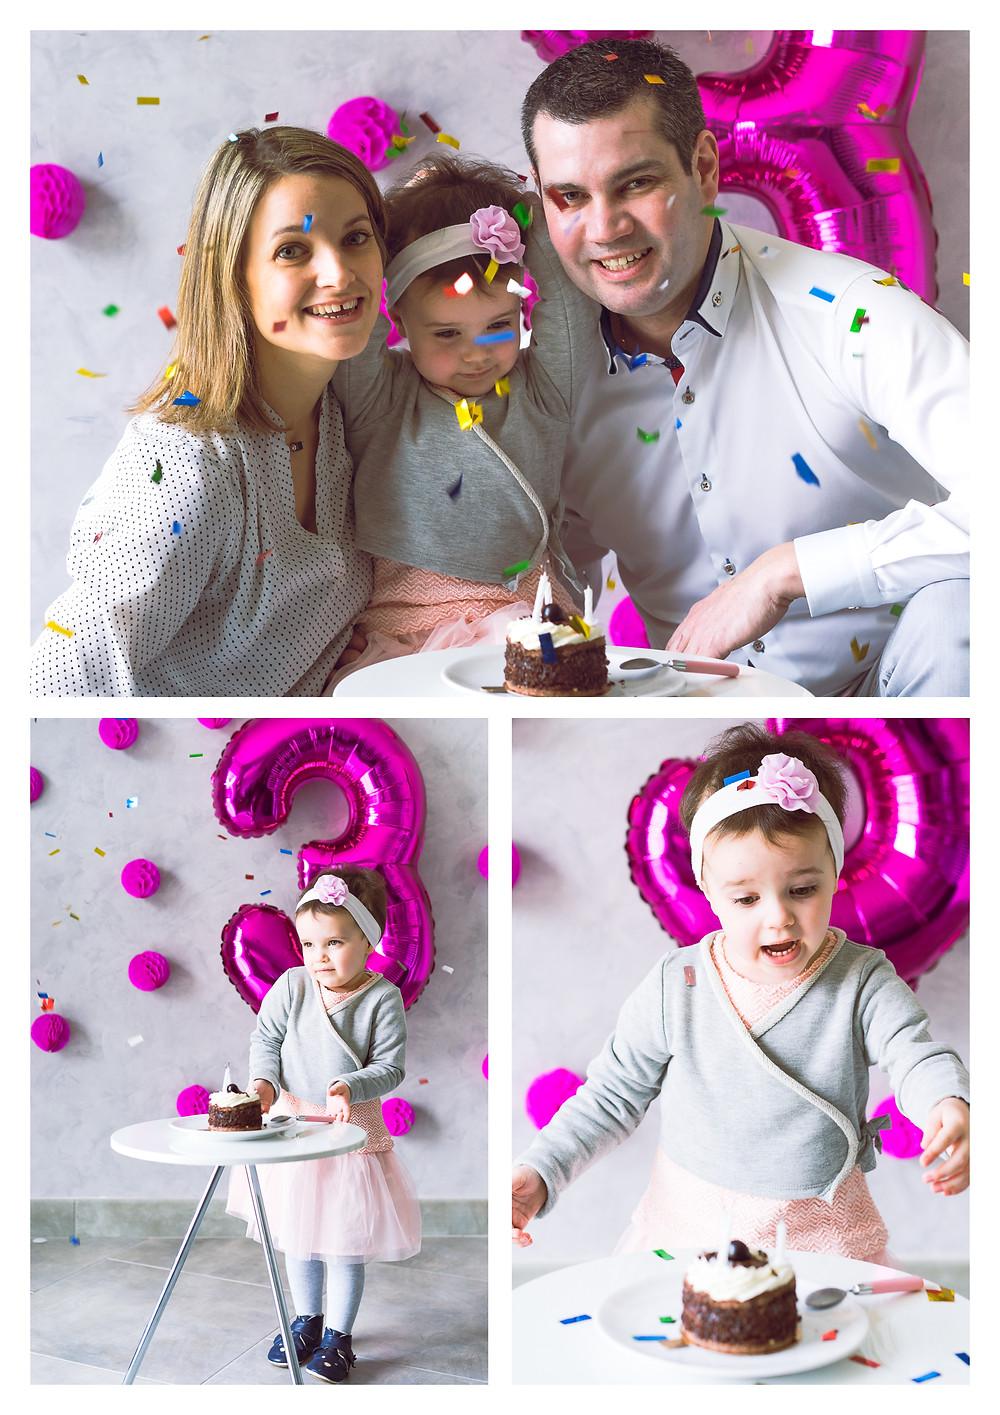 Photographe Limoges Famille Enfant Anniversaire Birthday Guillaume Comte